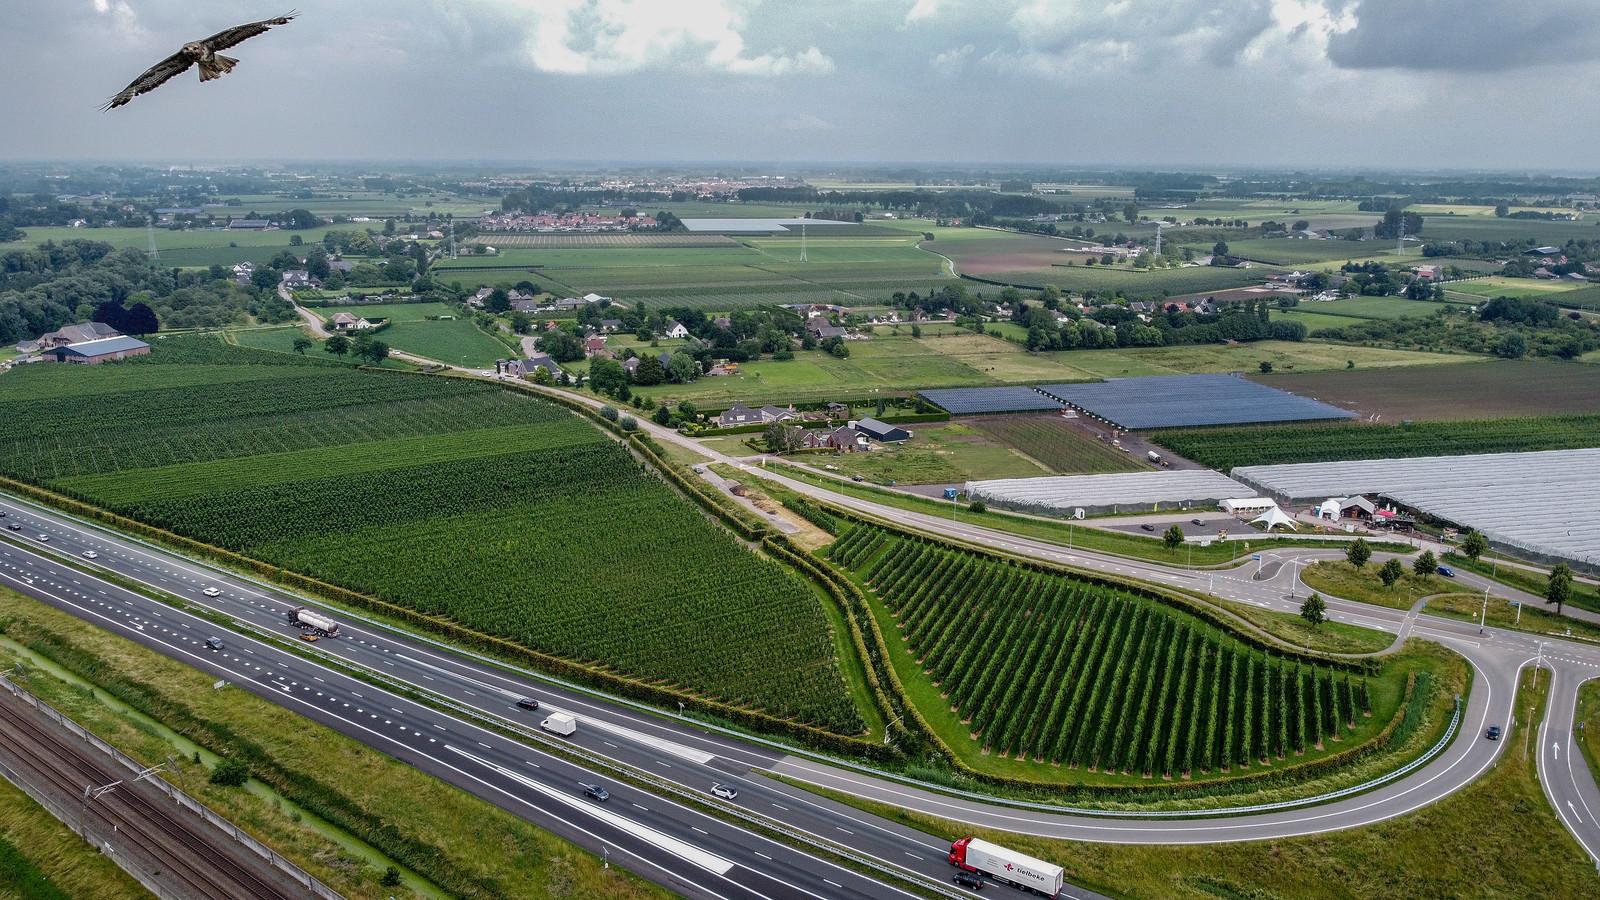 De op-en afrit van de A15 bij Wadenoijen kan het sluitstuk zijn van een nieuwe weg vanuit Tiel-Passewaaij. Een vogel neemt een nieuwsgierig kijkje.